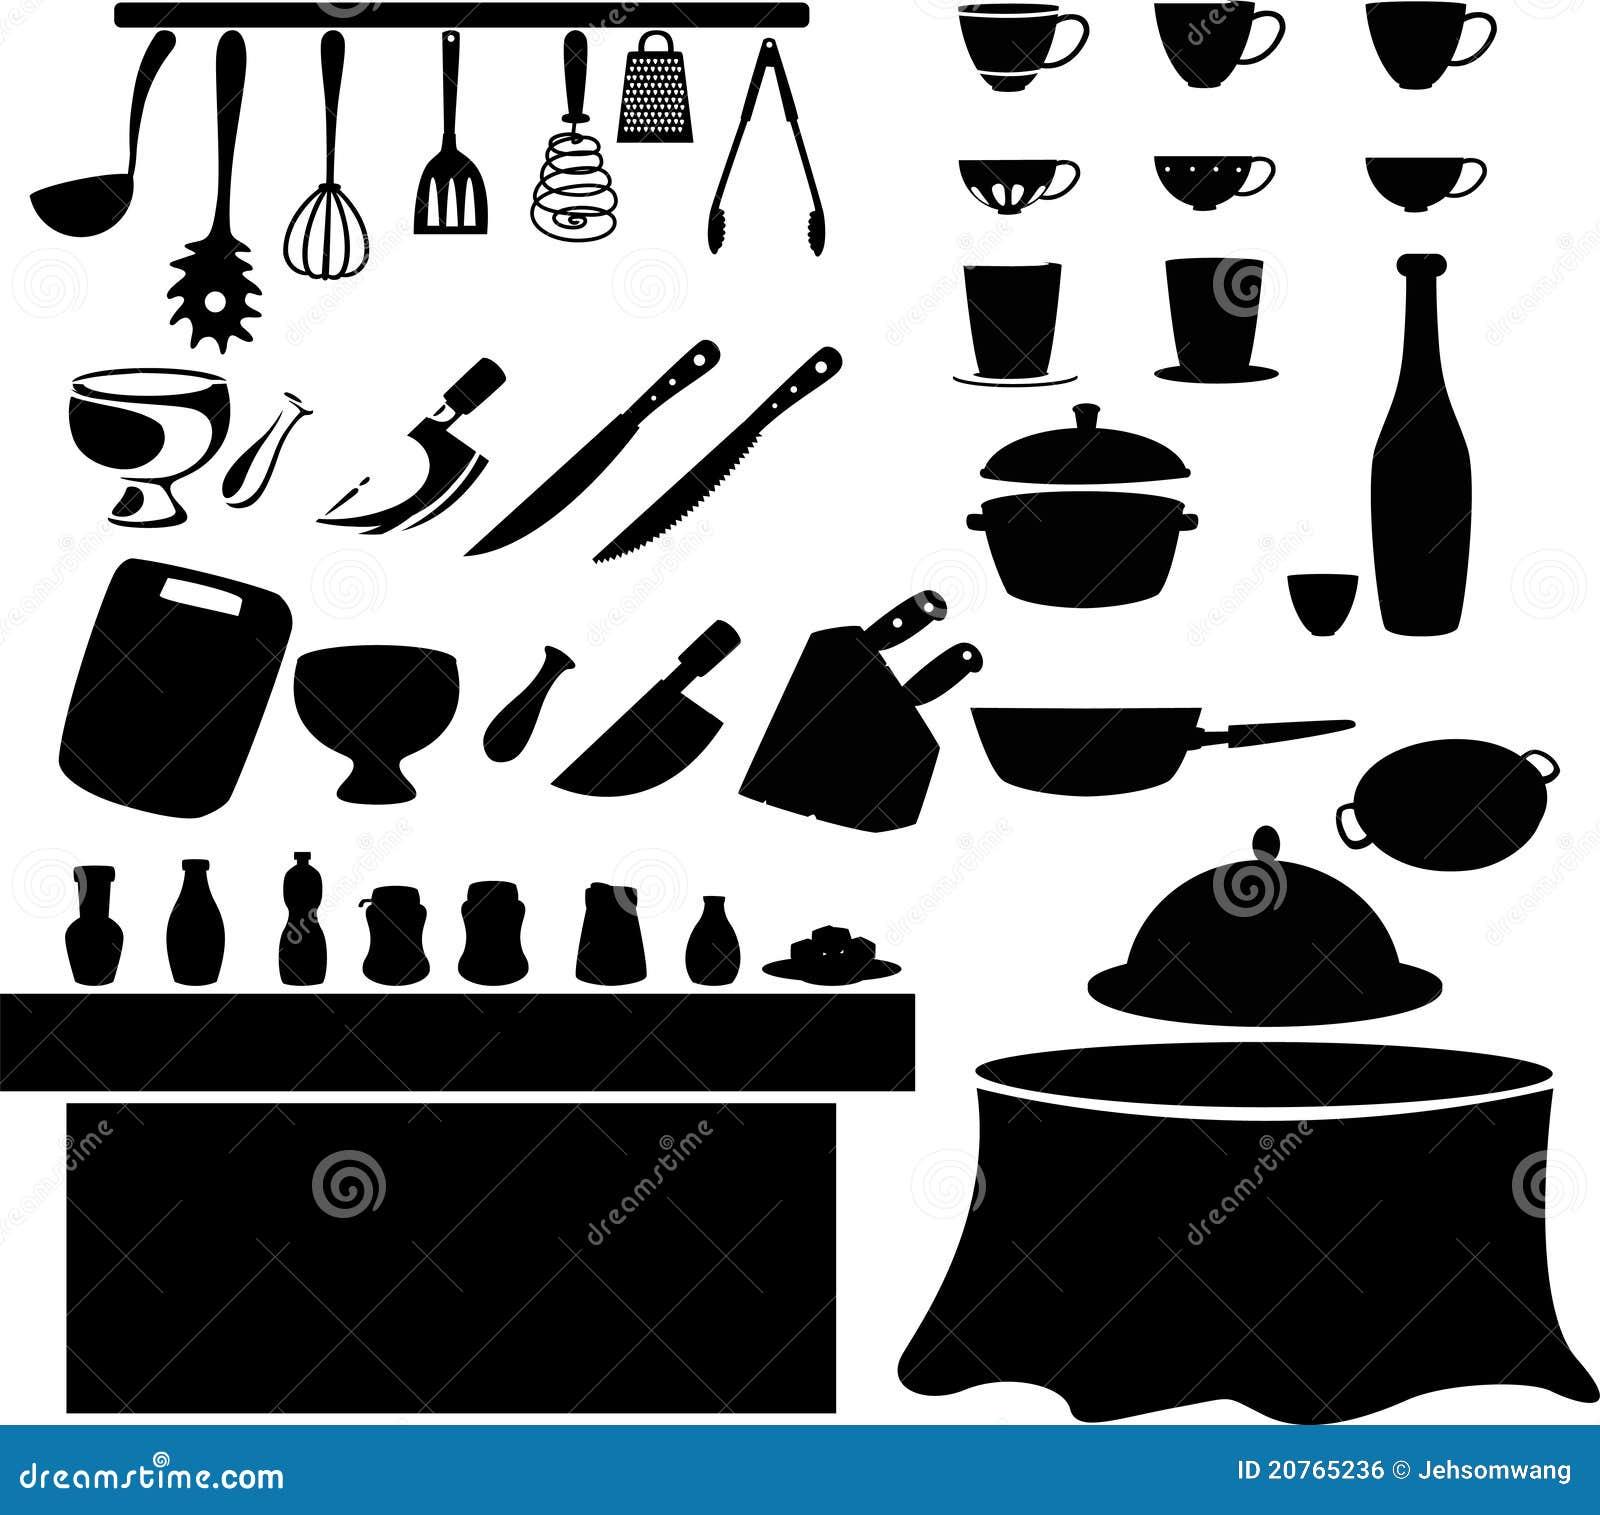 Vetor da ferramenta da cozinha ilustra o do vetor - Decorador de fotos gratis ...